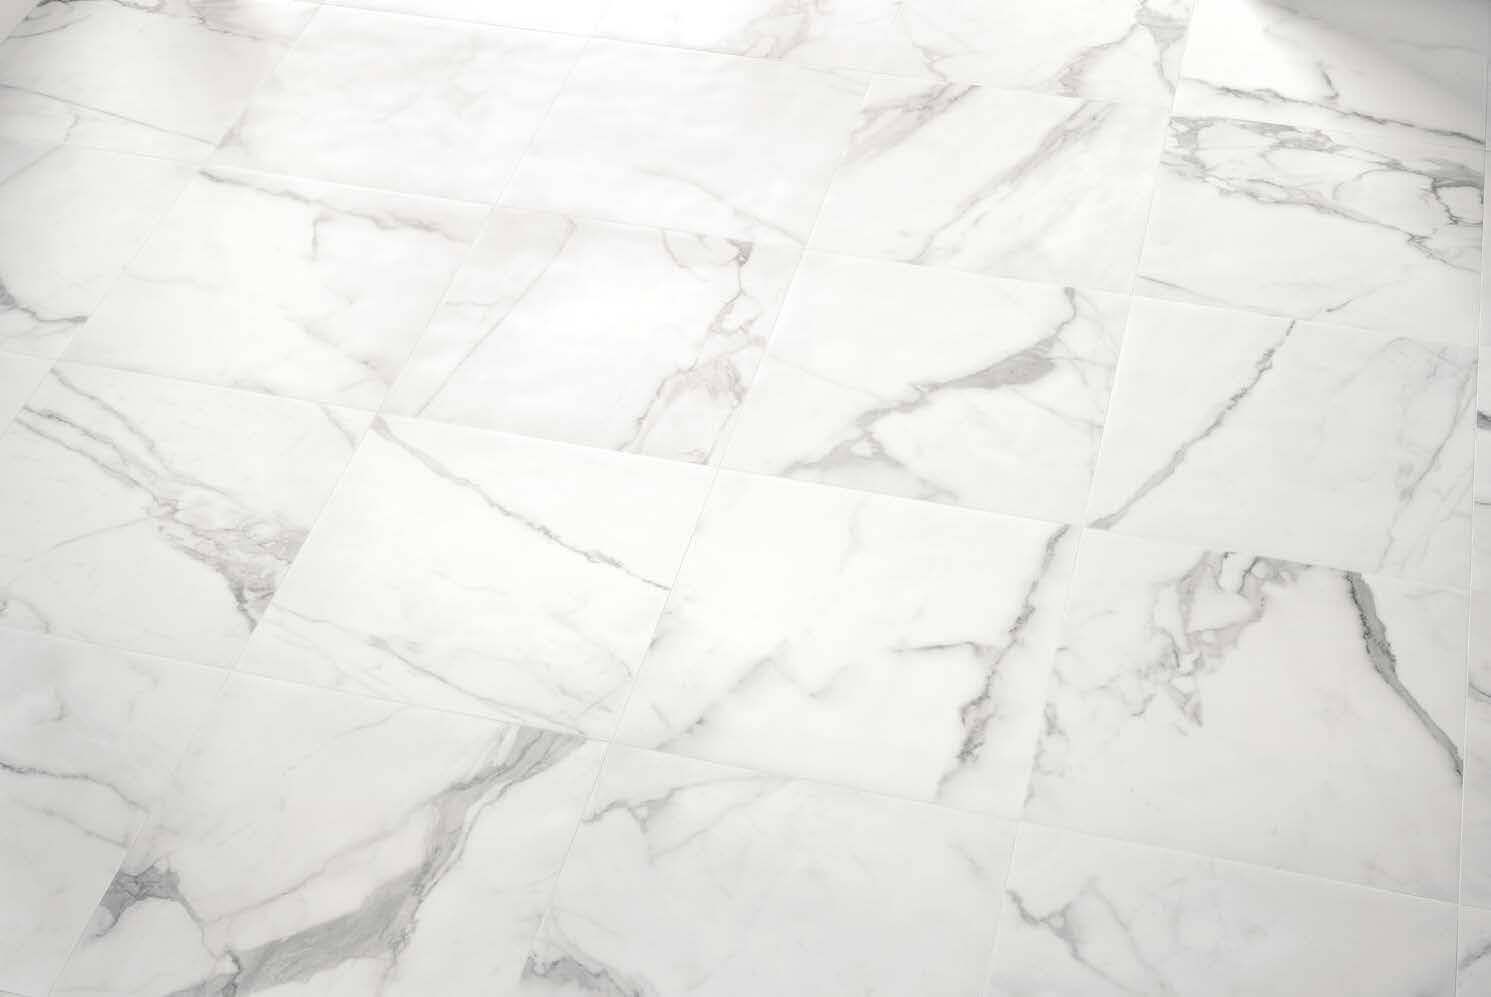 Gepolijste vloertegels - Bianco d'Italia Arabescato - Semi gepolijst